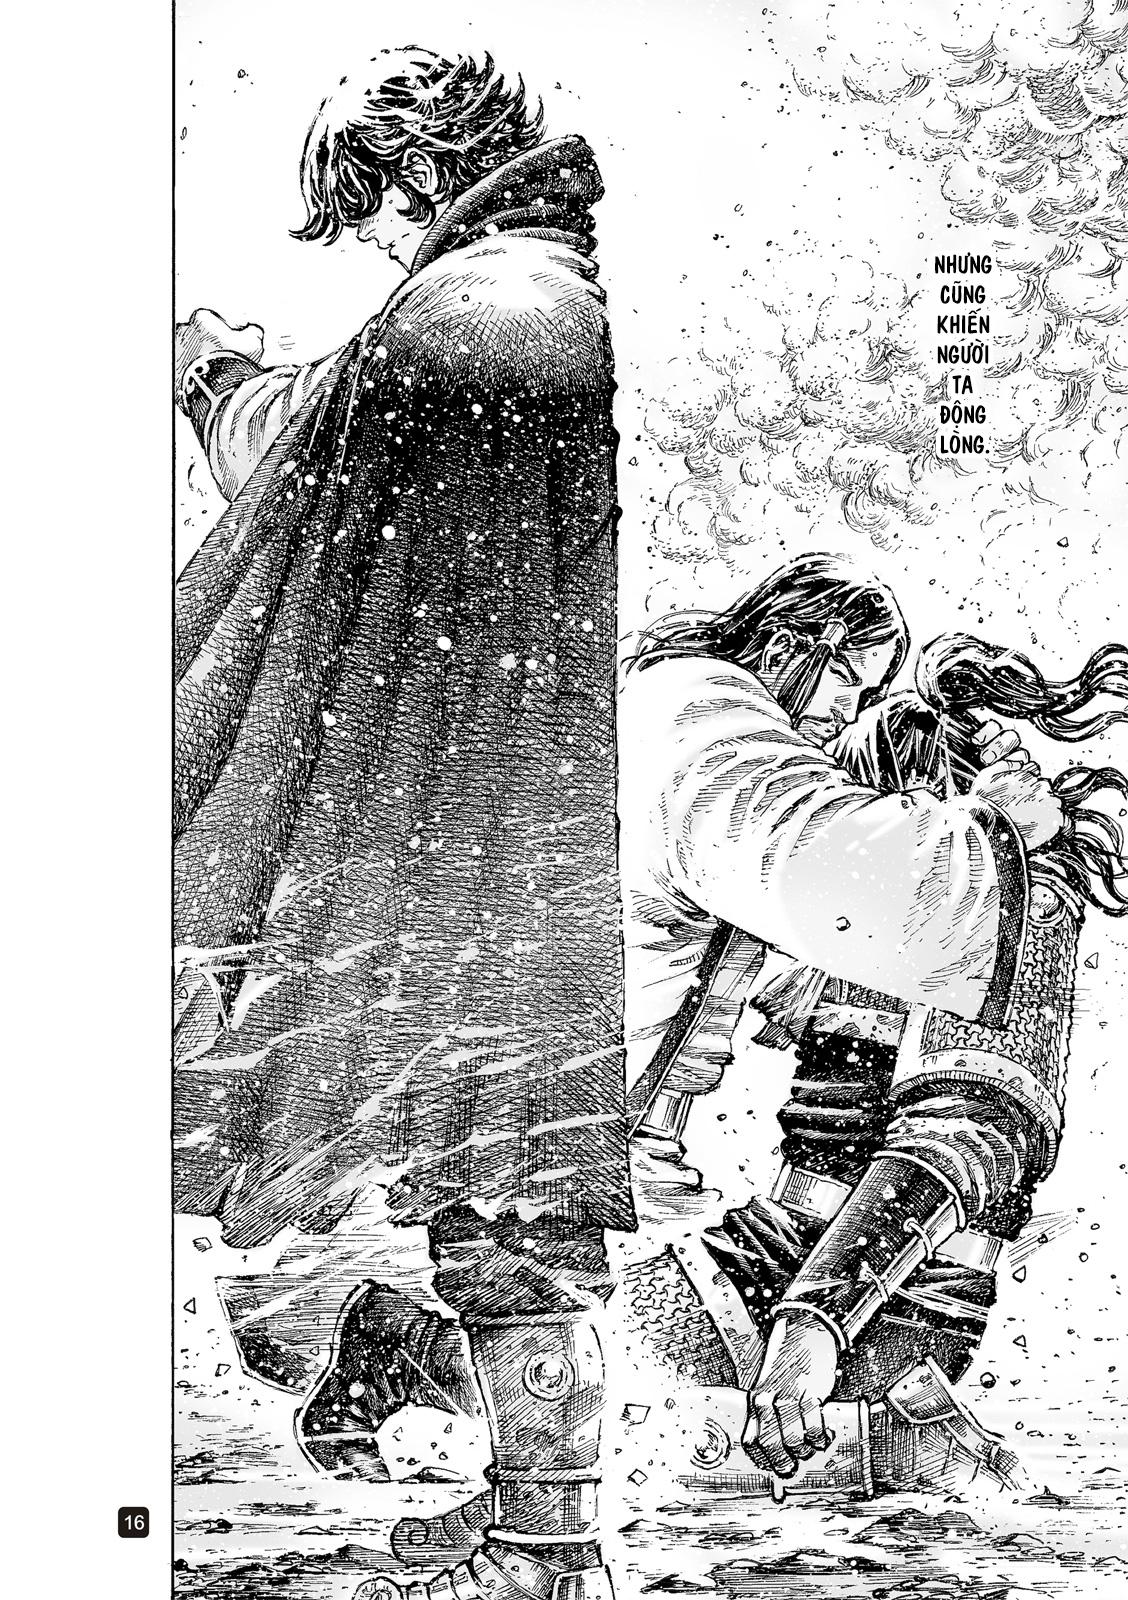 Hỏa phụng liêu nguyên Chương 526: Thiên địa chi gian trang 16